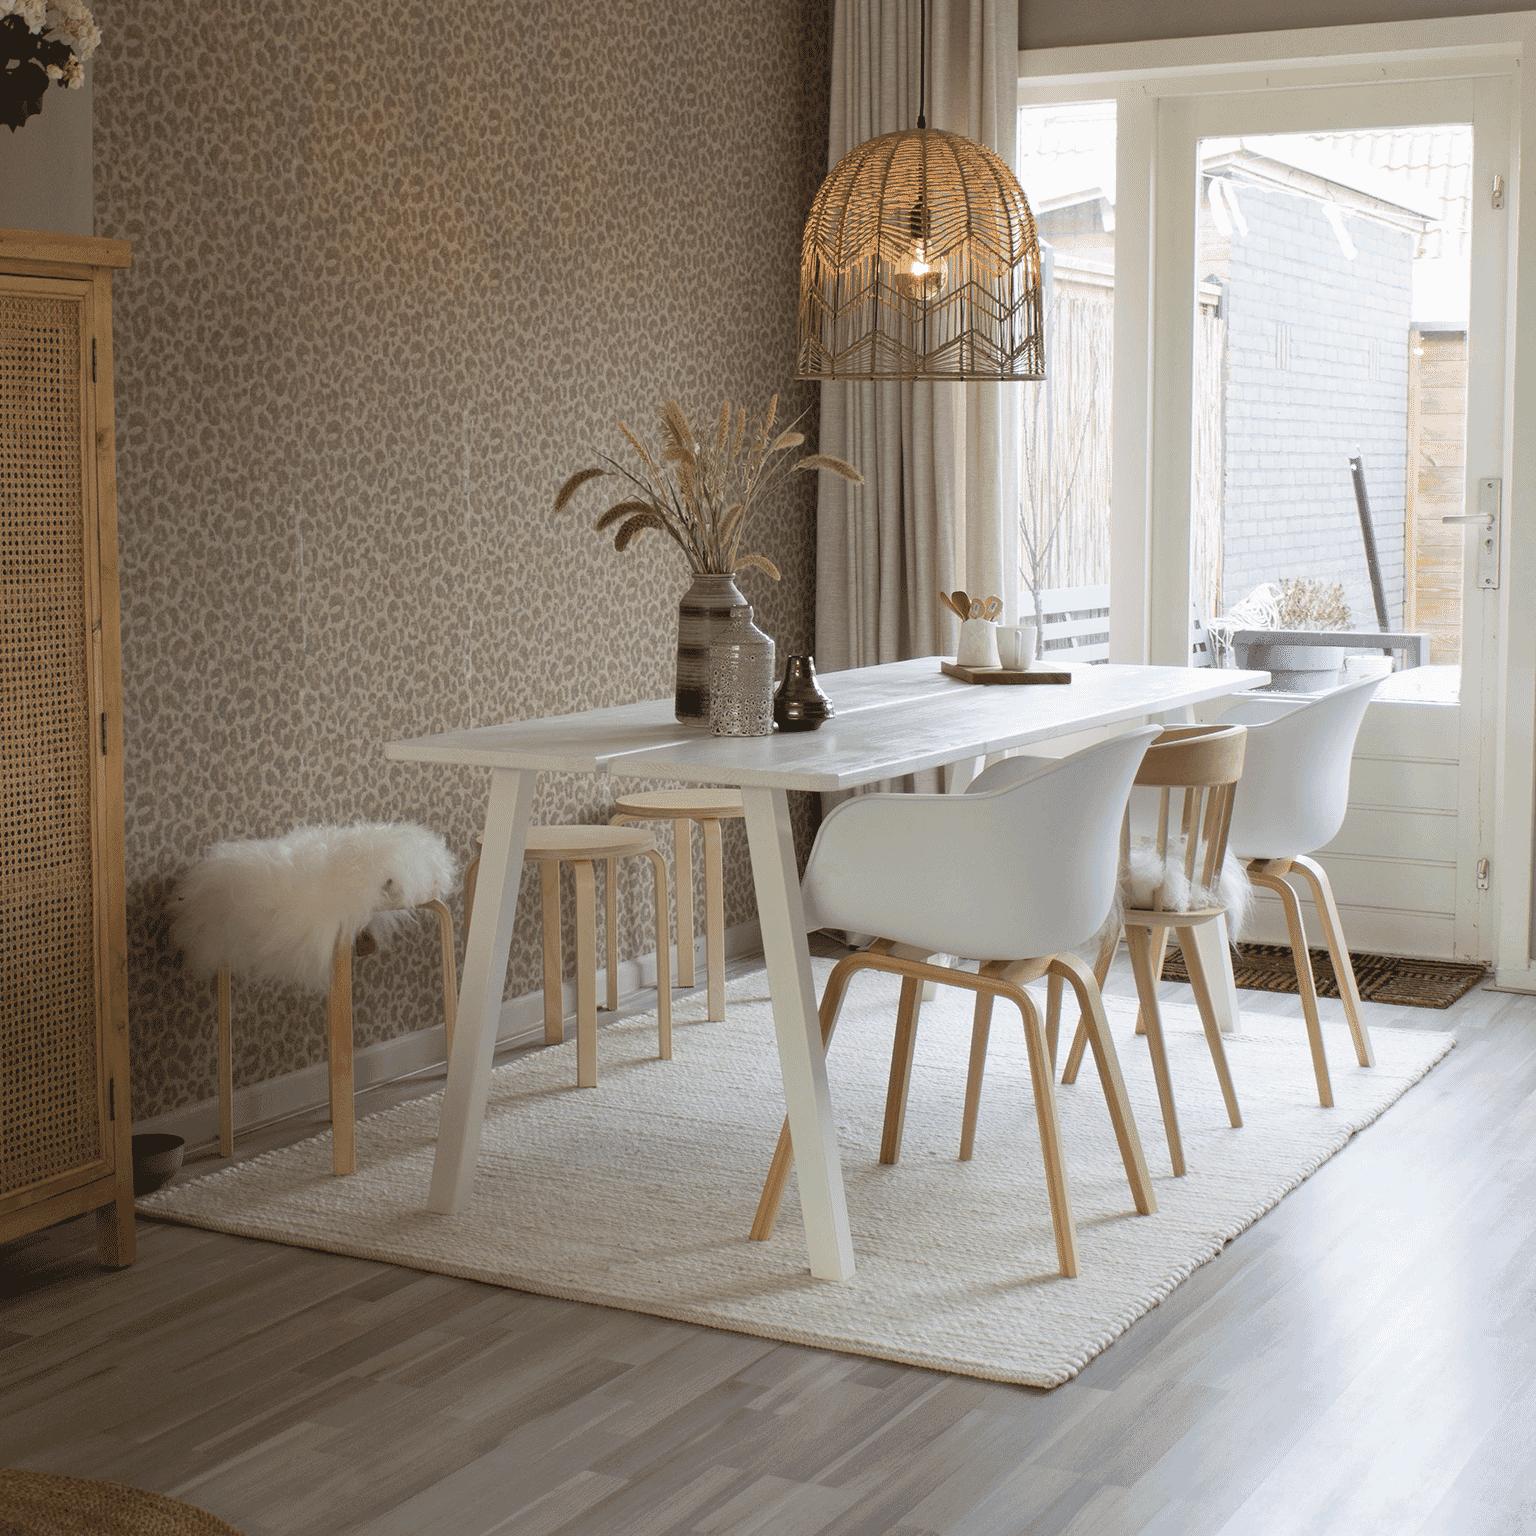 WOOOD Eettafel 'Triomf' 210 x 77cm, kleur Wit Metalen poten met massief blad in kleur wit gelakt, RAL 9010 aanschaffen? Kijk hier!